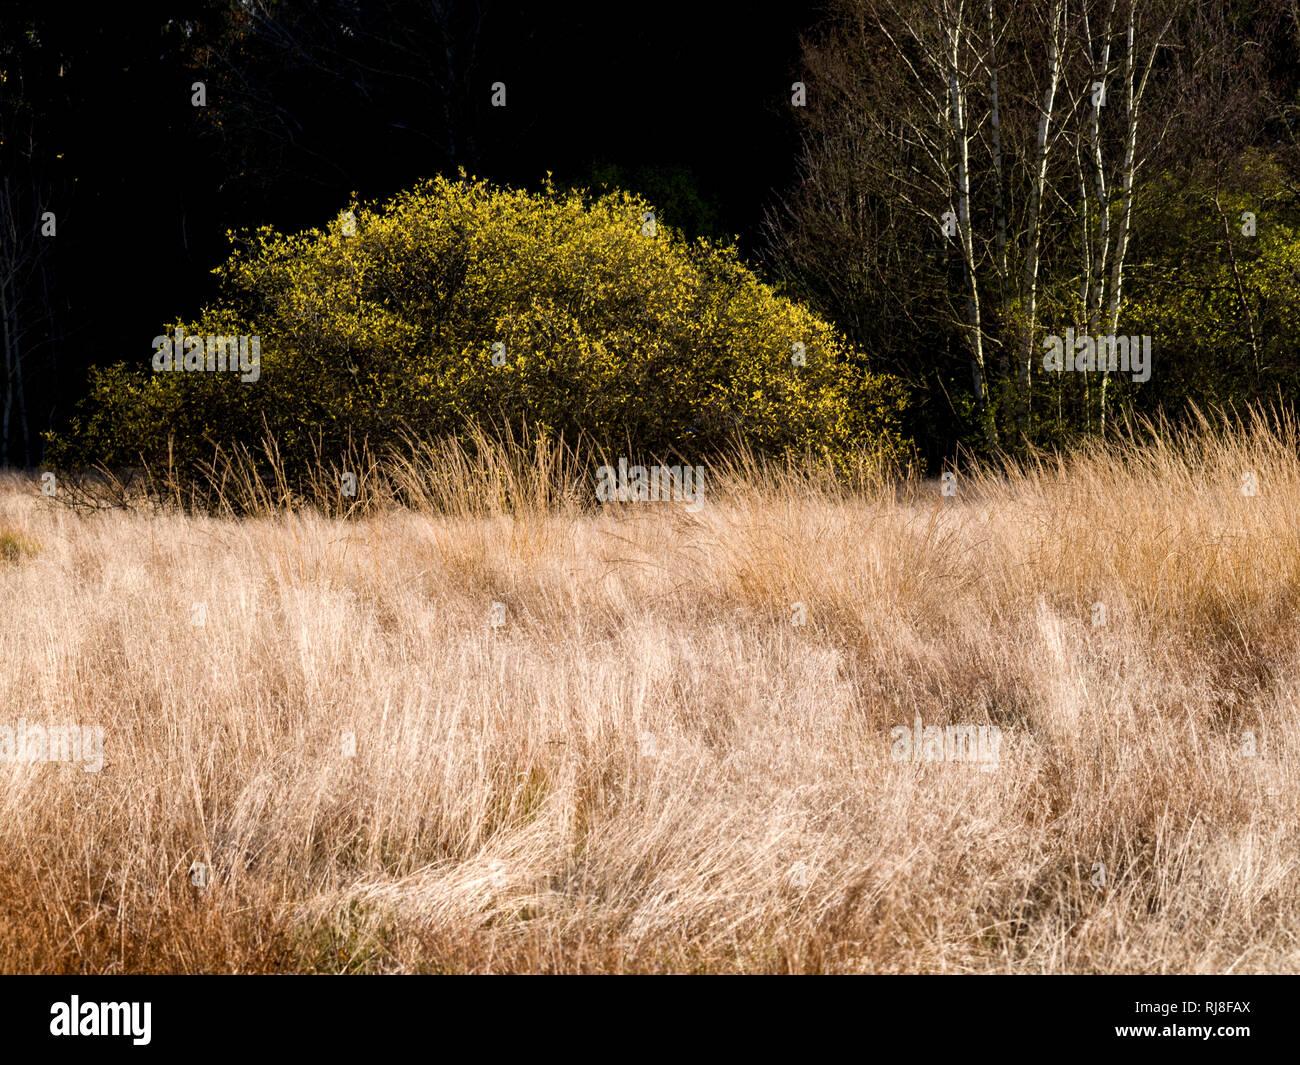 Deutschland, Bayern, Naturpark Bayrische Rhön, UNESCO-Biosphärenreservat, Naturschutzgebiet, windgeformte Moorgräser Schwarzes Moor und Birken, Salwei Banque D'Images